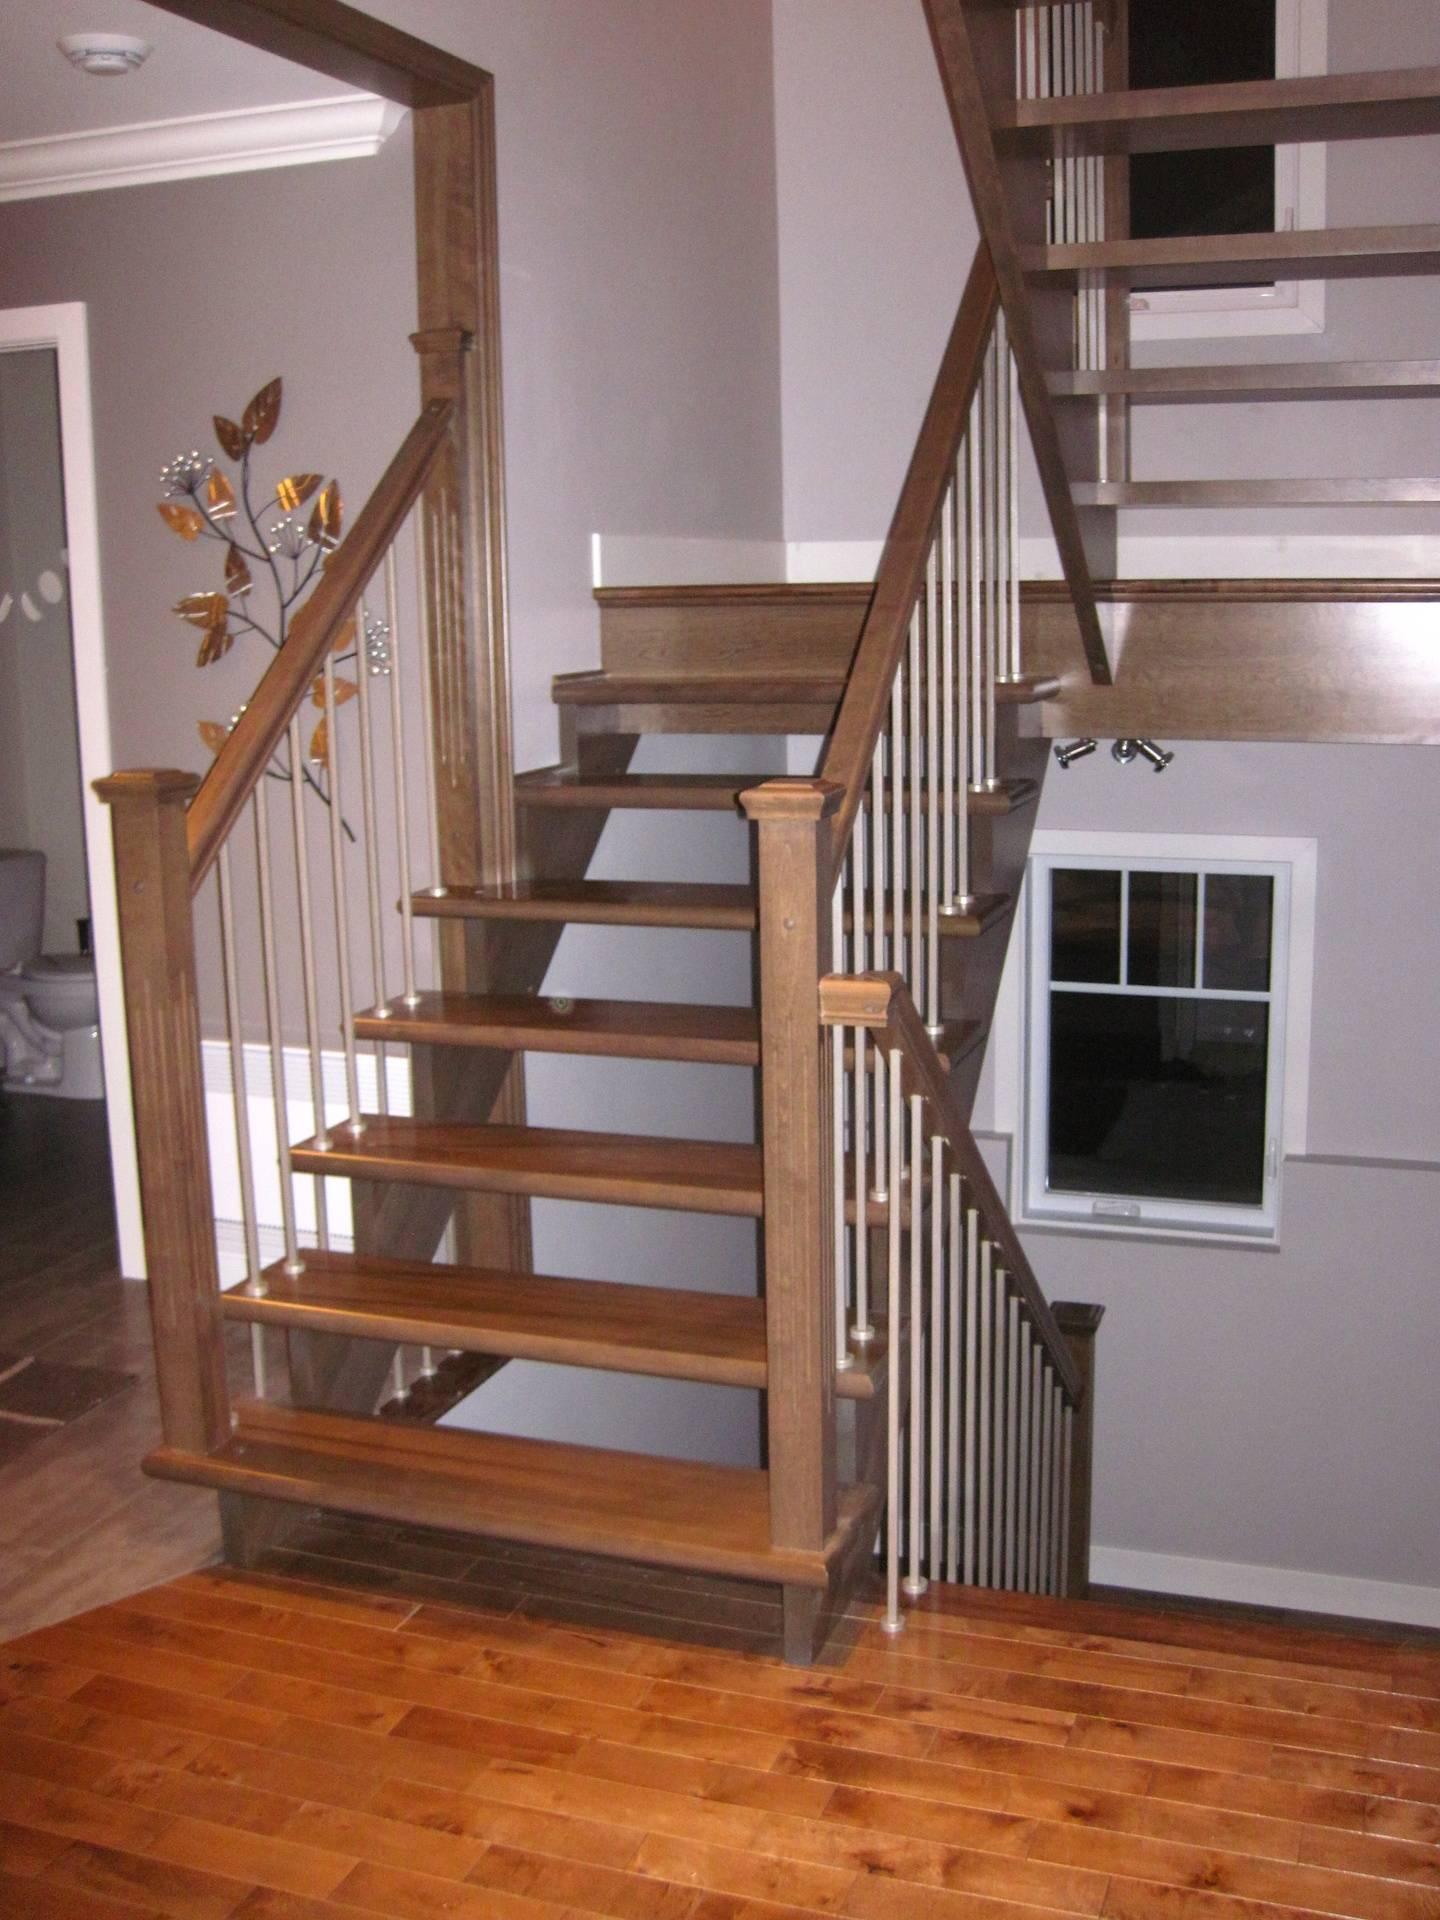 Escalier de bois à limons découpés barreaux acier innoxidable